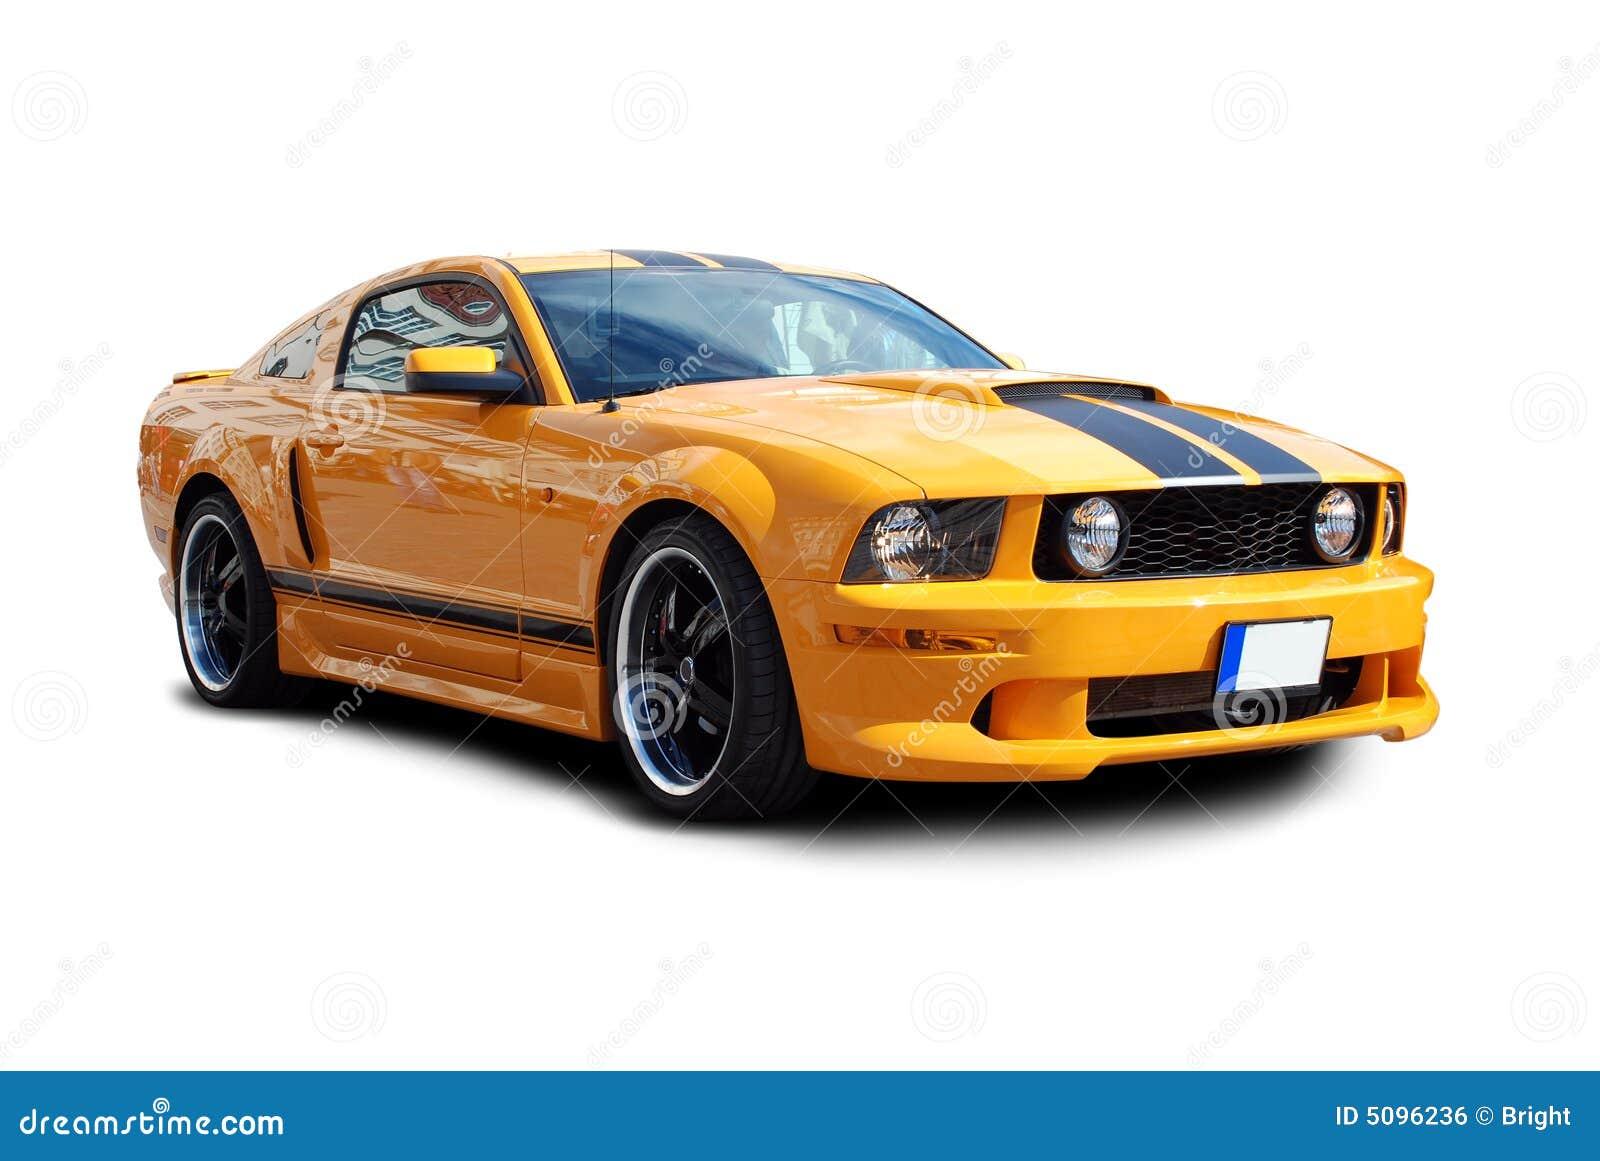 Voiture de sport superbe image libre de droits image - Image de voiture de sport ...